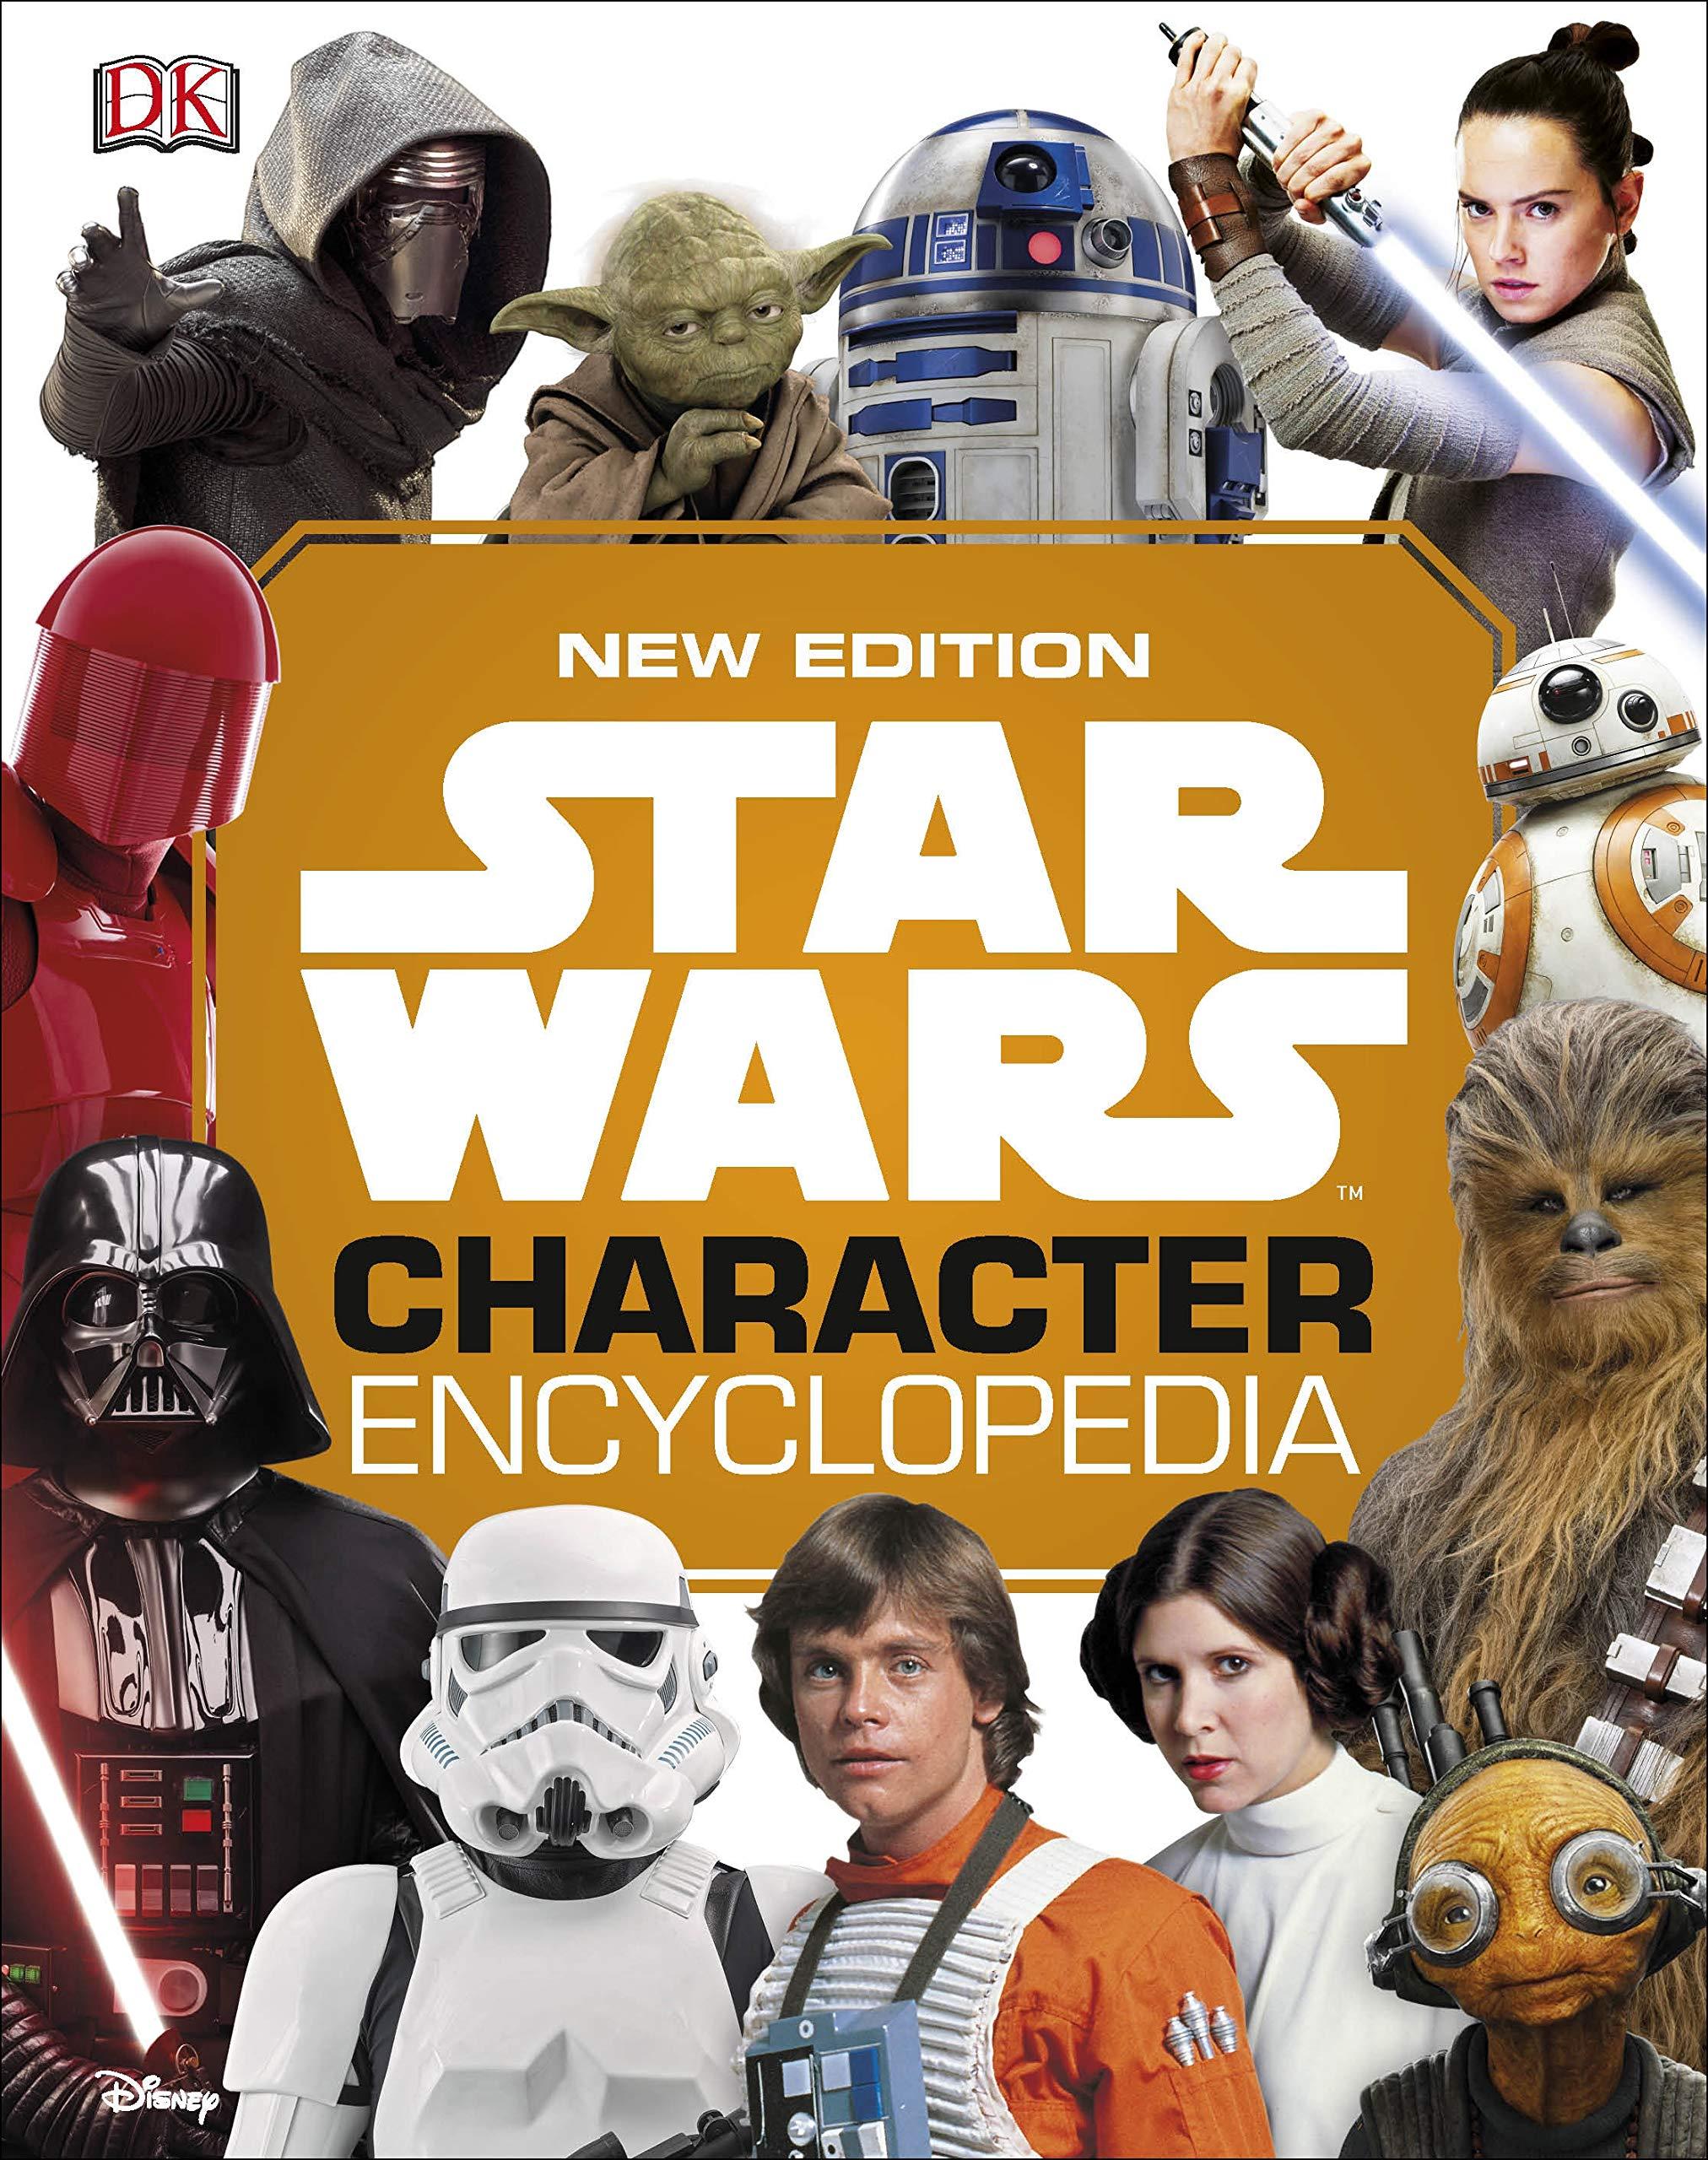 Звёздные войны: Энциклопедия персонажей, новое издание